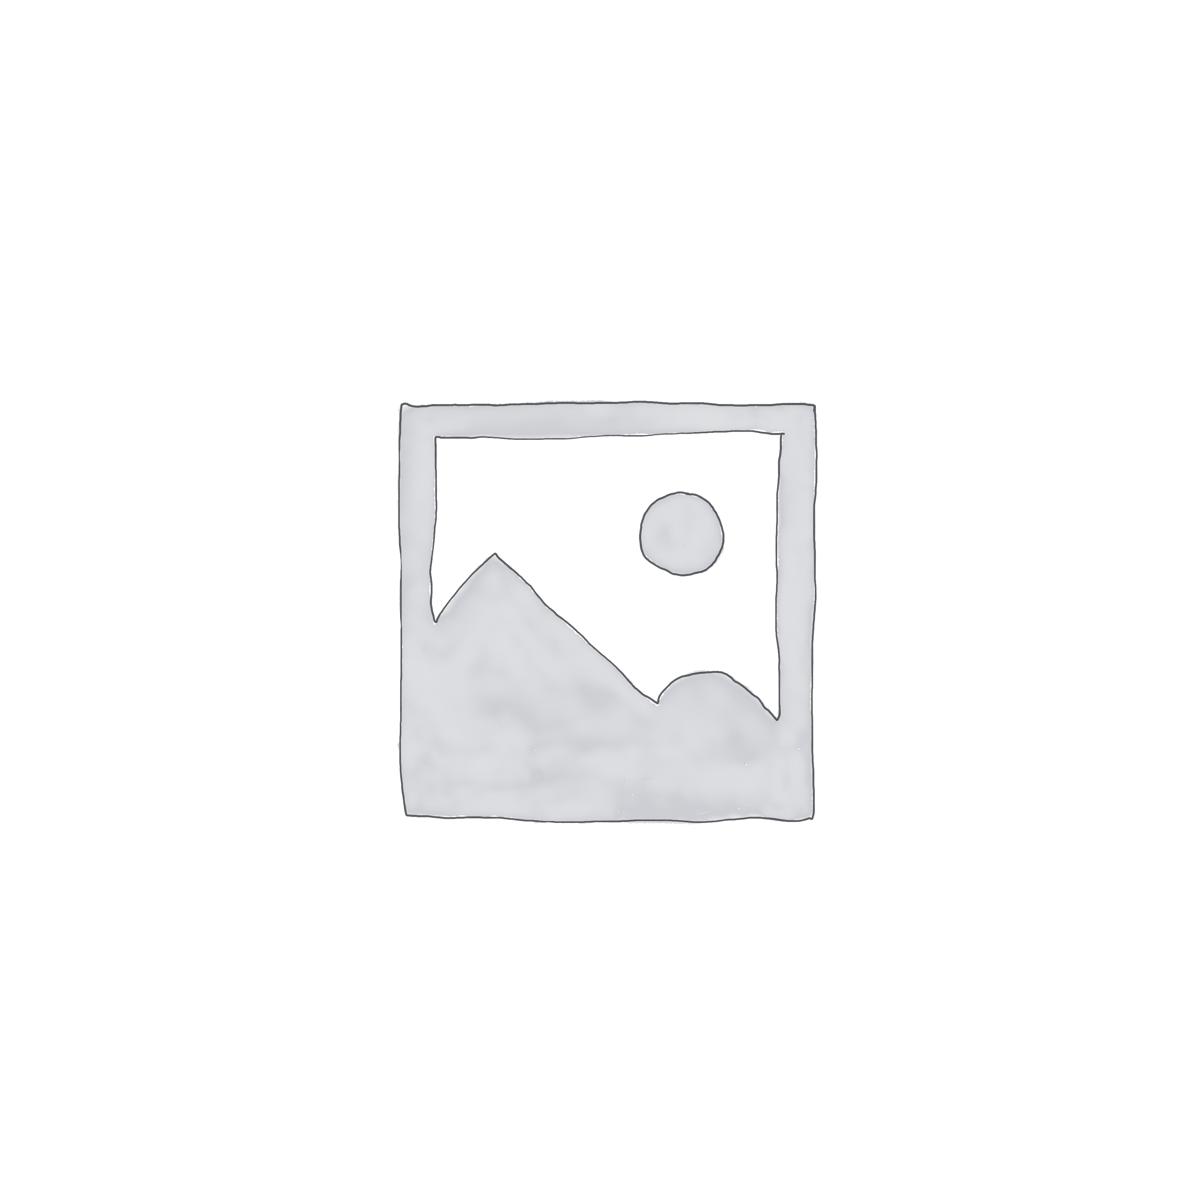 Snowy Landscape Wallpaper Mural